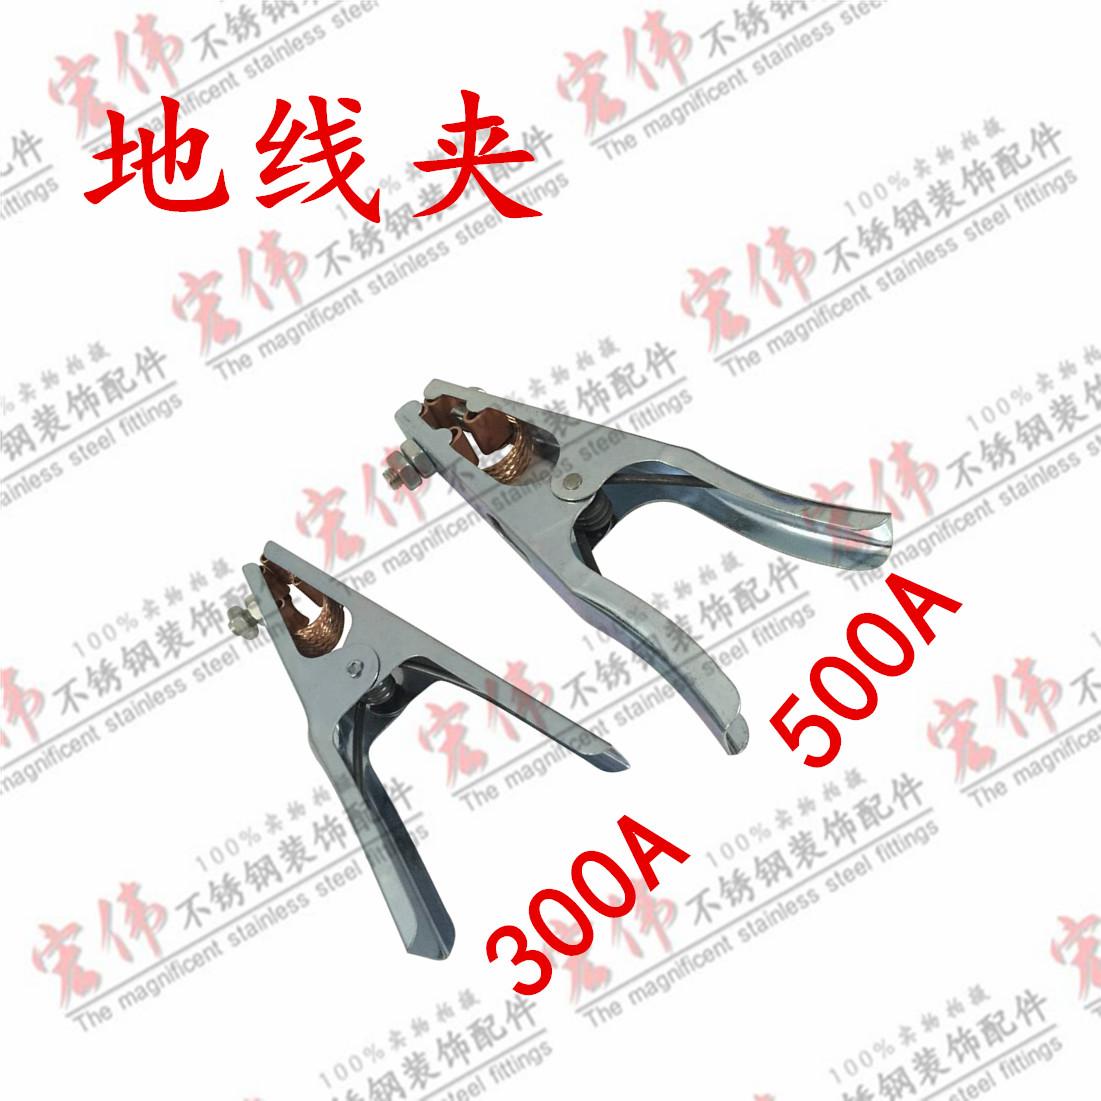 电焊机地线夹搭铁夹氩弧焊接地夹子5.42元包邮